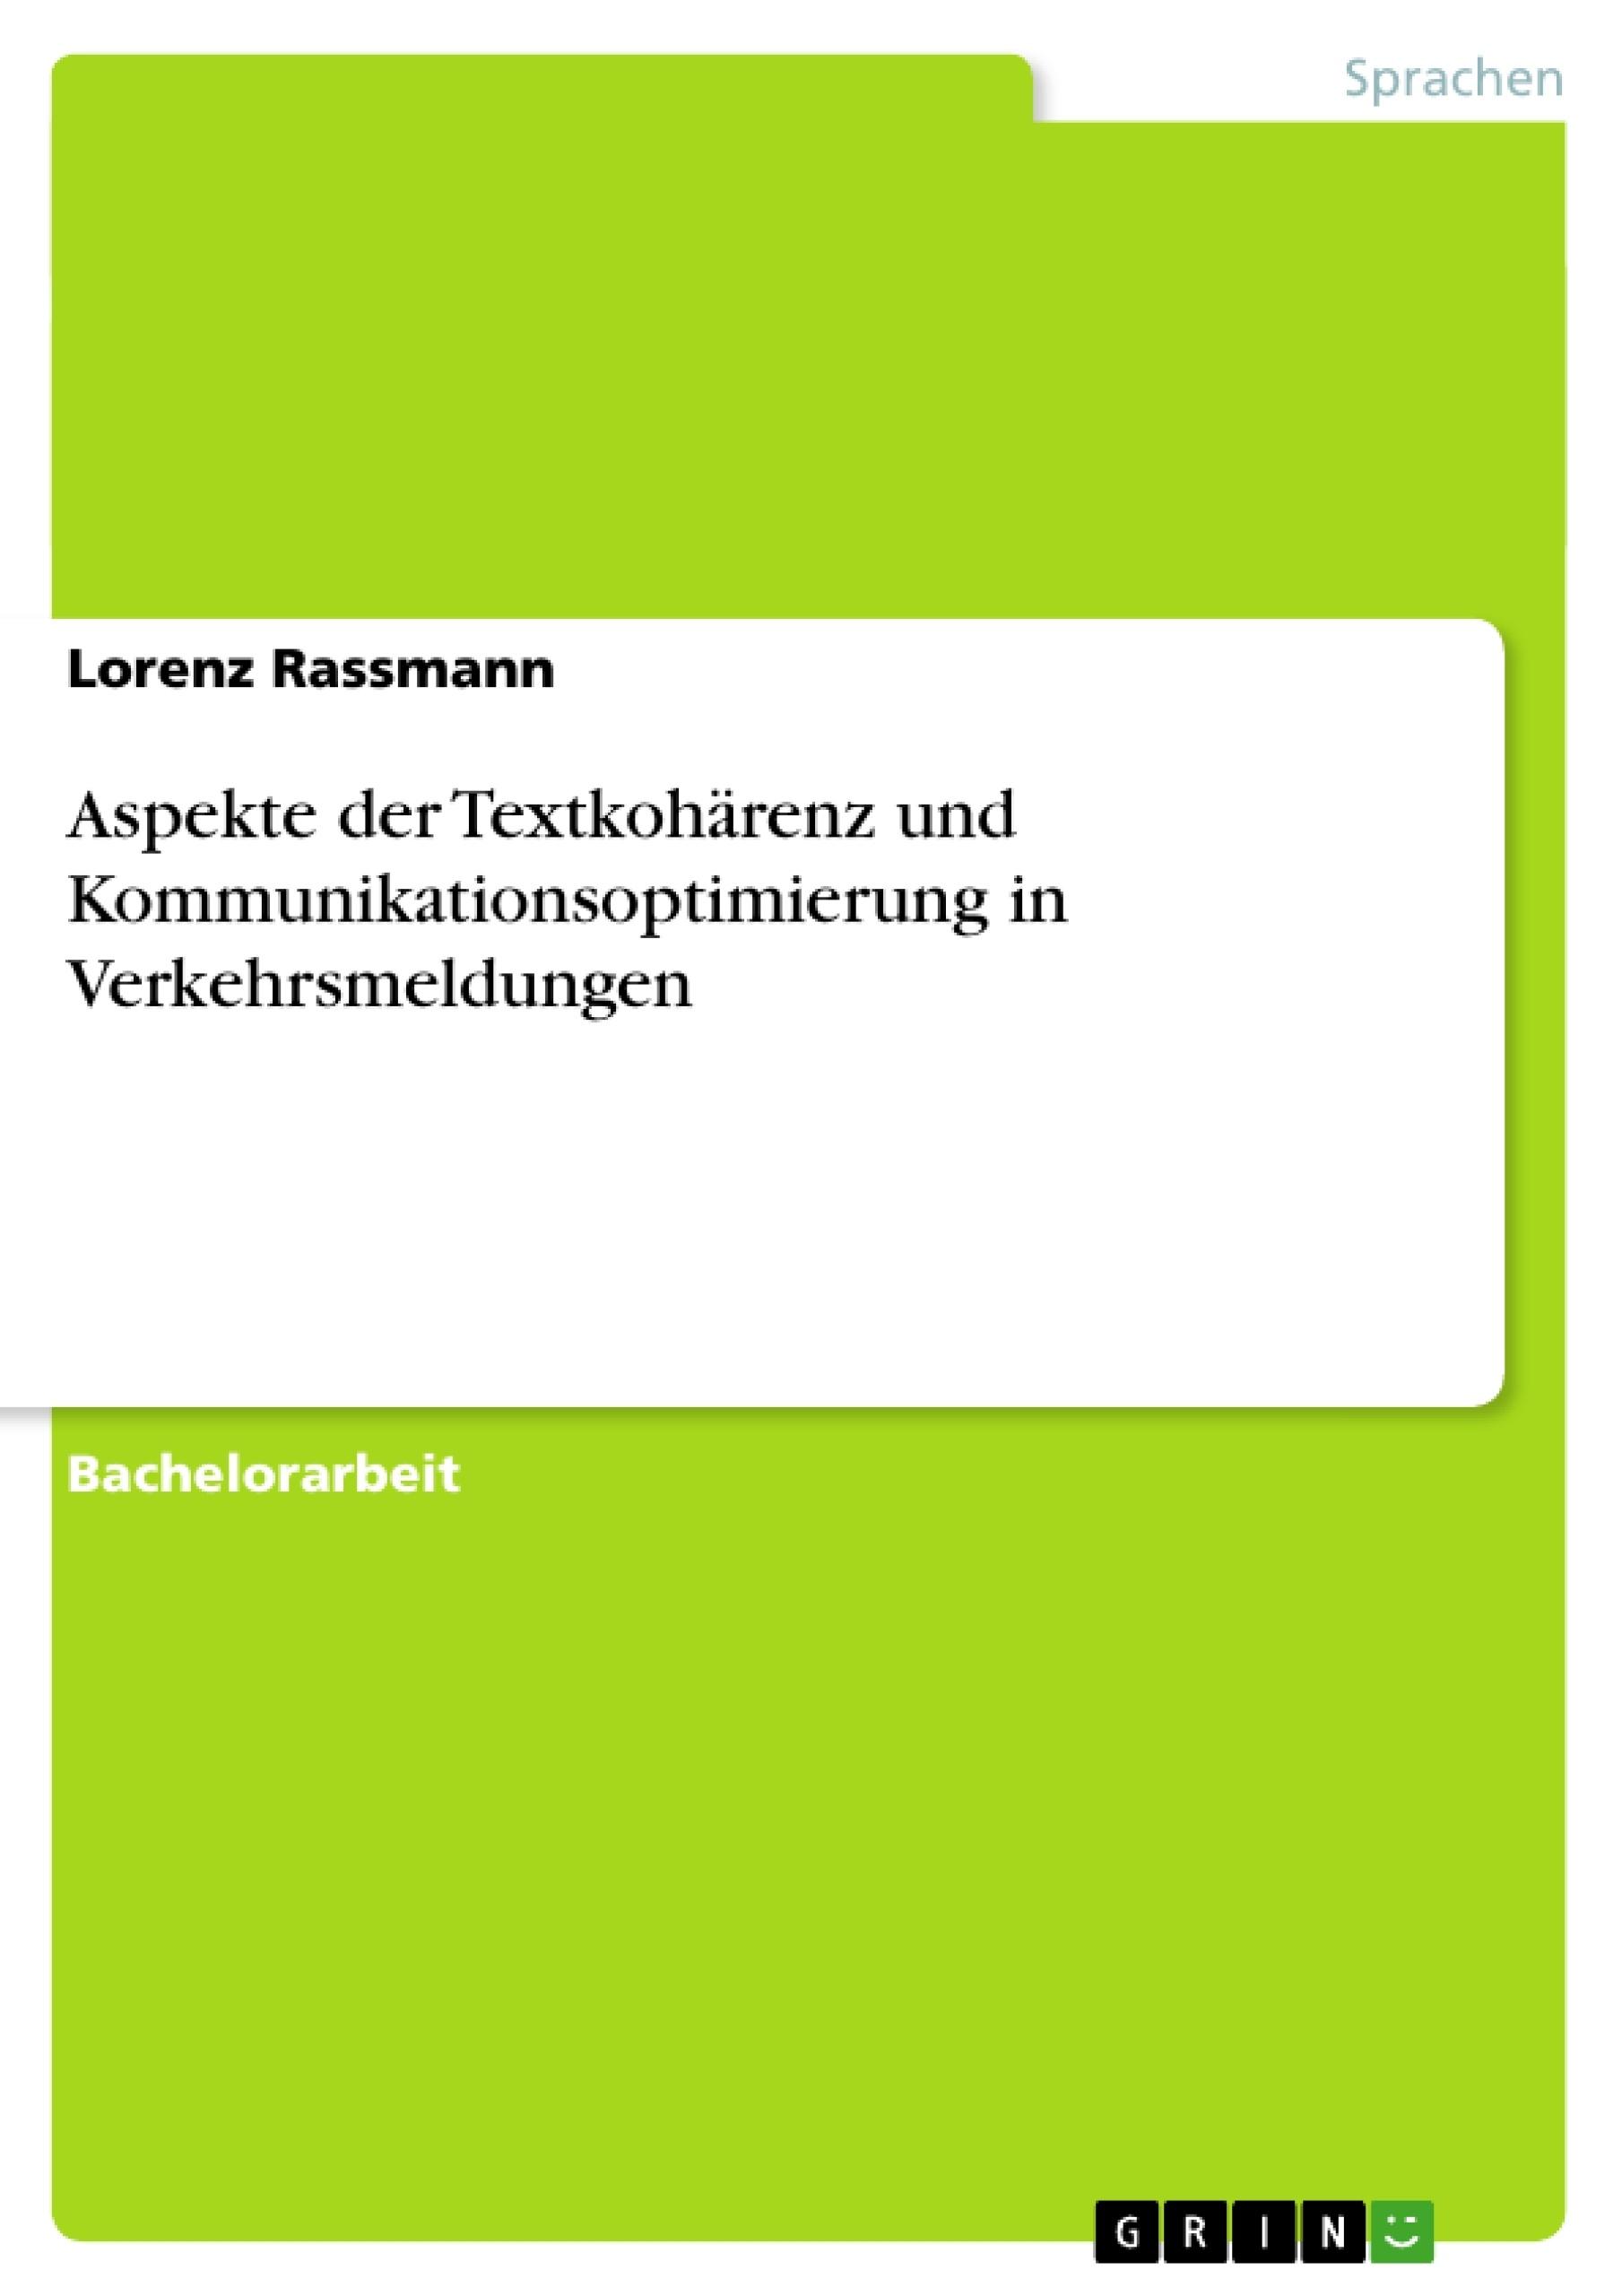 Titel: Aspekte der Textkohärenz und Kommunikationsoptimierung in Verkehrsmeldungen